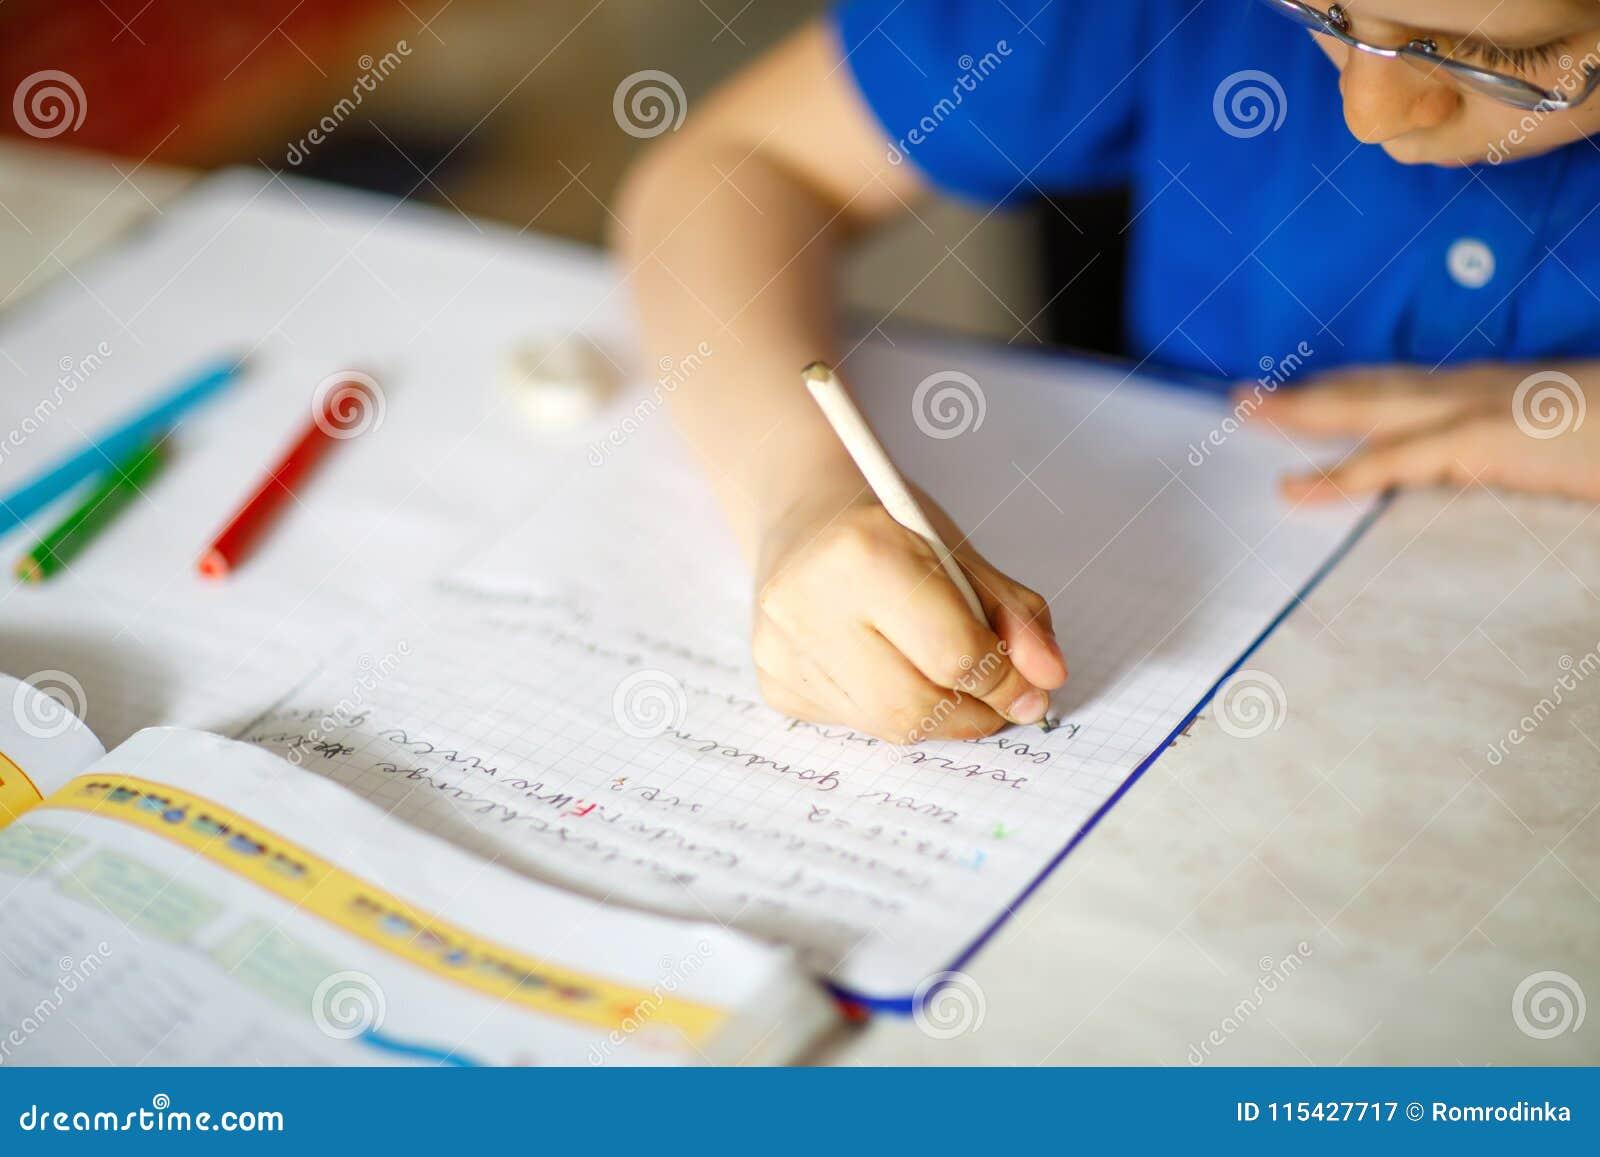 Конец-вверх мальчика маленького ребенка при стекла дома делая домашнюю работу, писать письма с красочными ручками